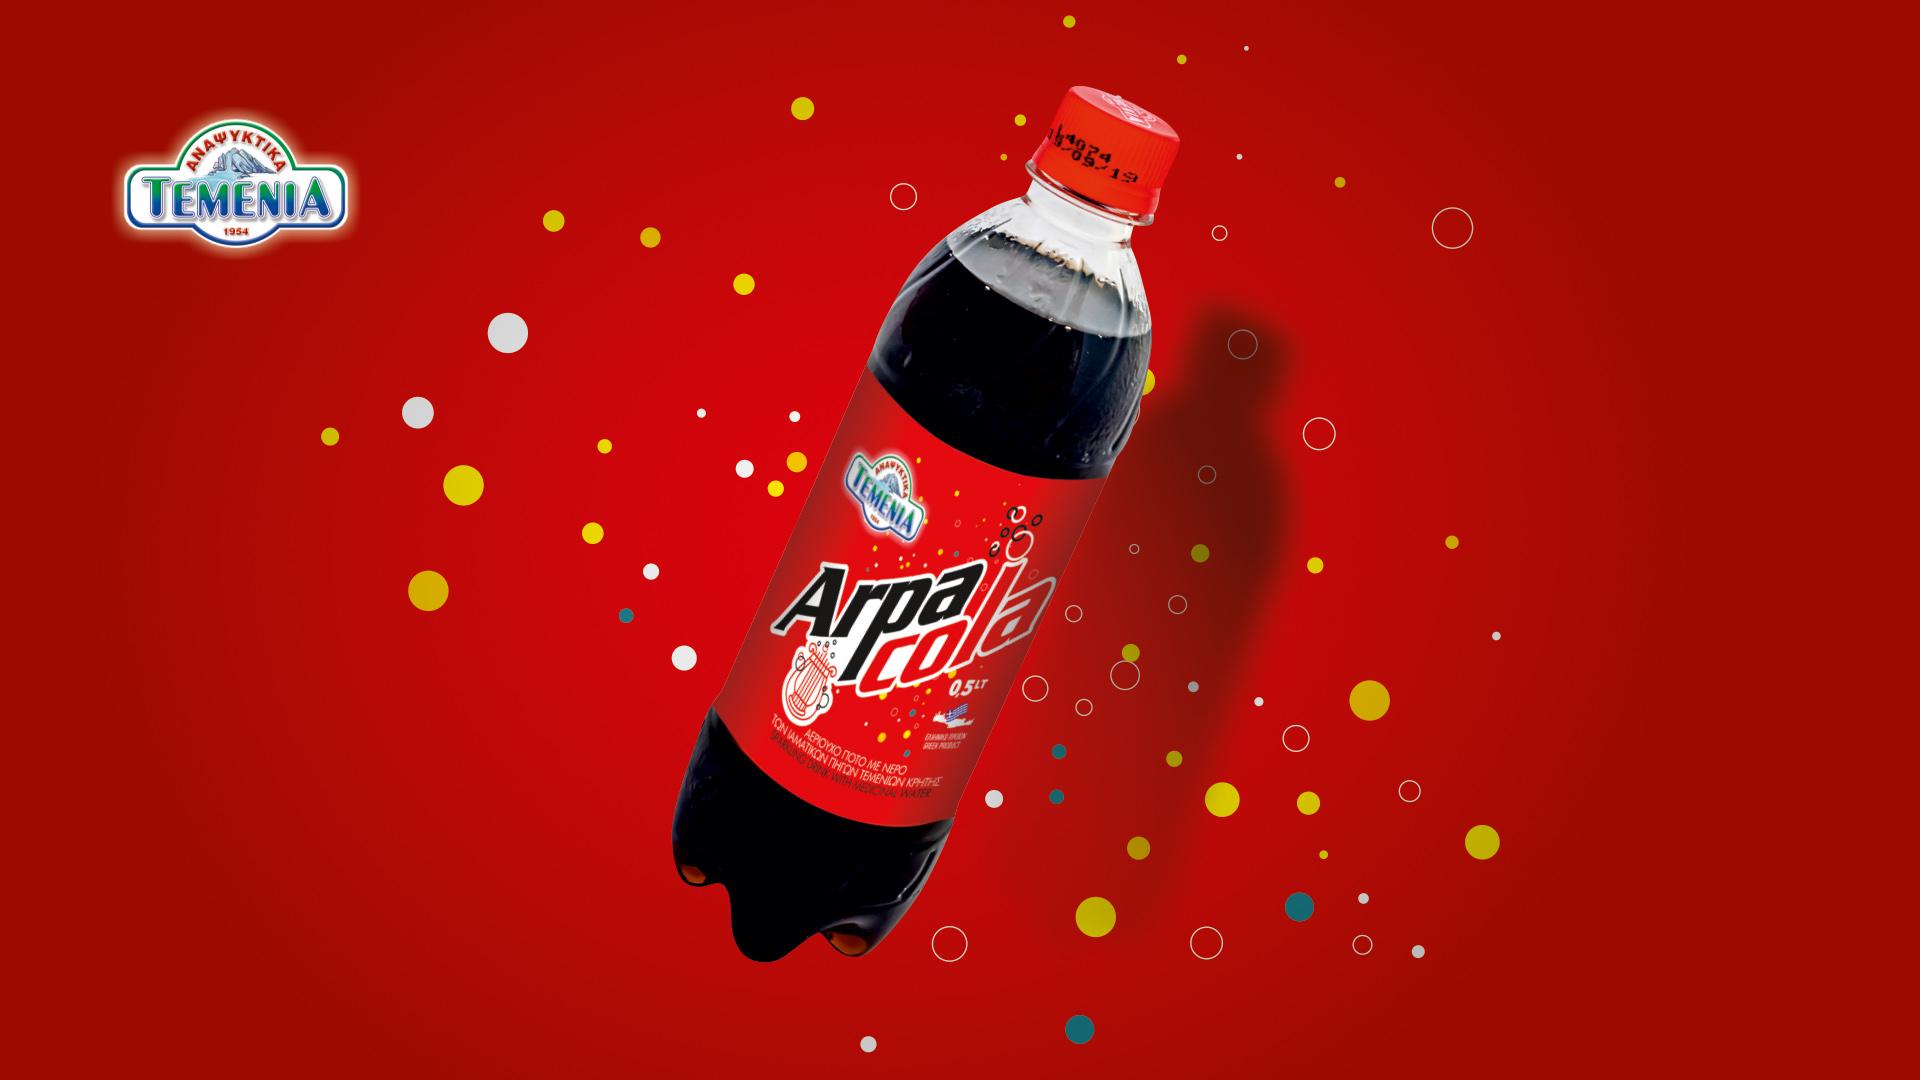 Arpa Cola